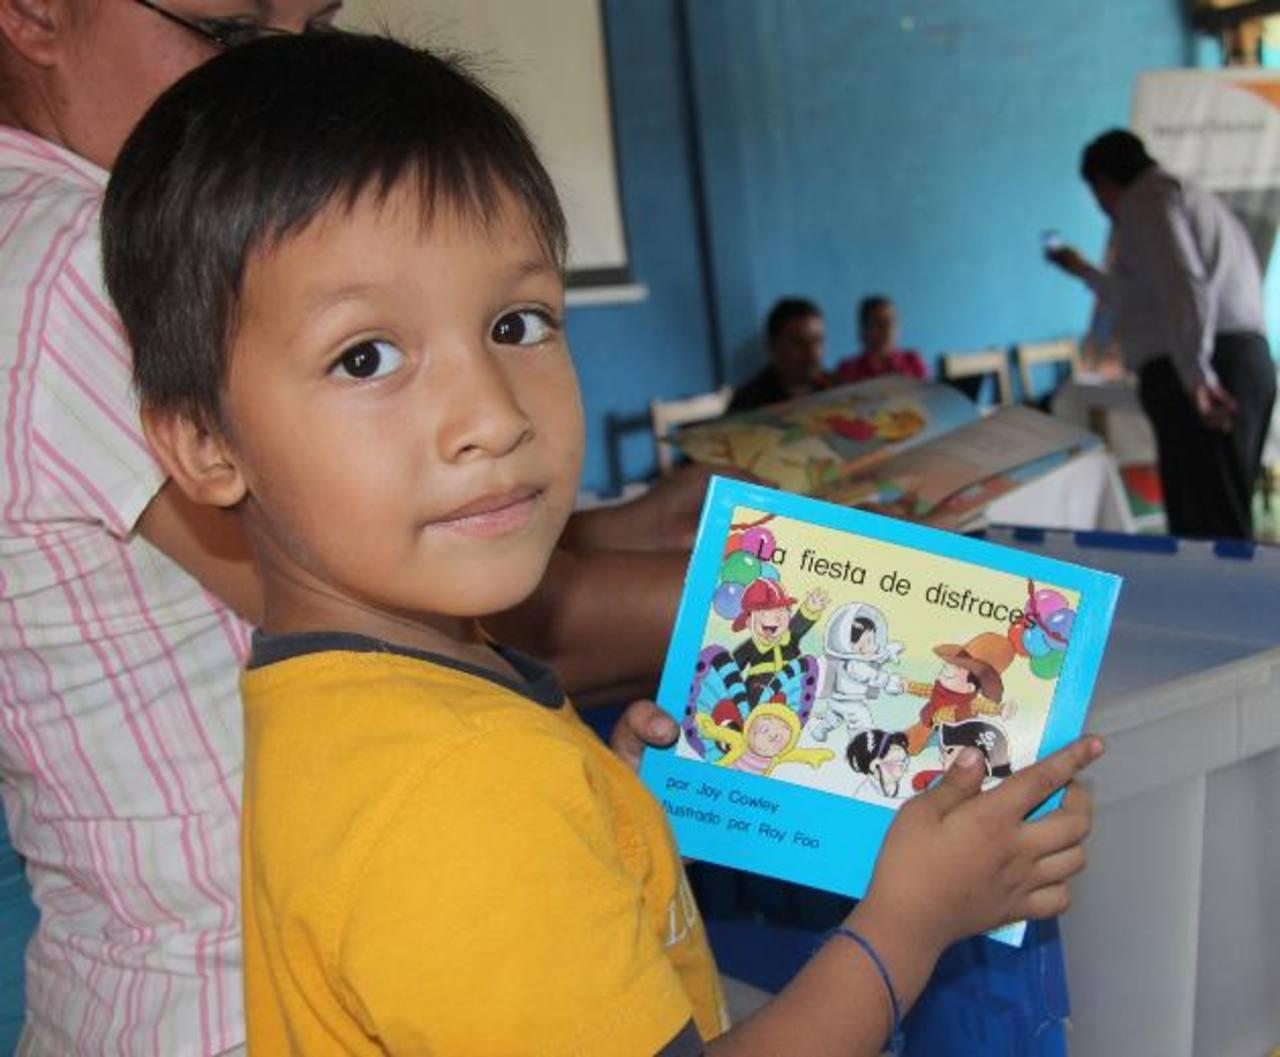 Los infantes de Armenia, Metalío y Caluco, en Sonsonate, fueron favorecidos con la entrega de libros. Foto EDH / Cortesía